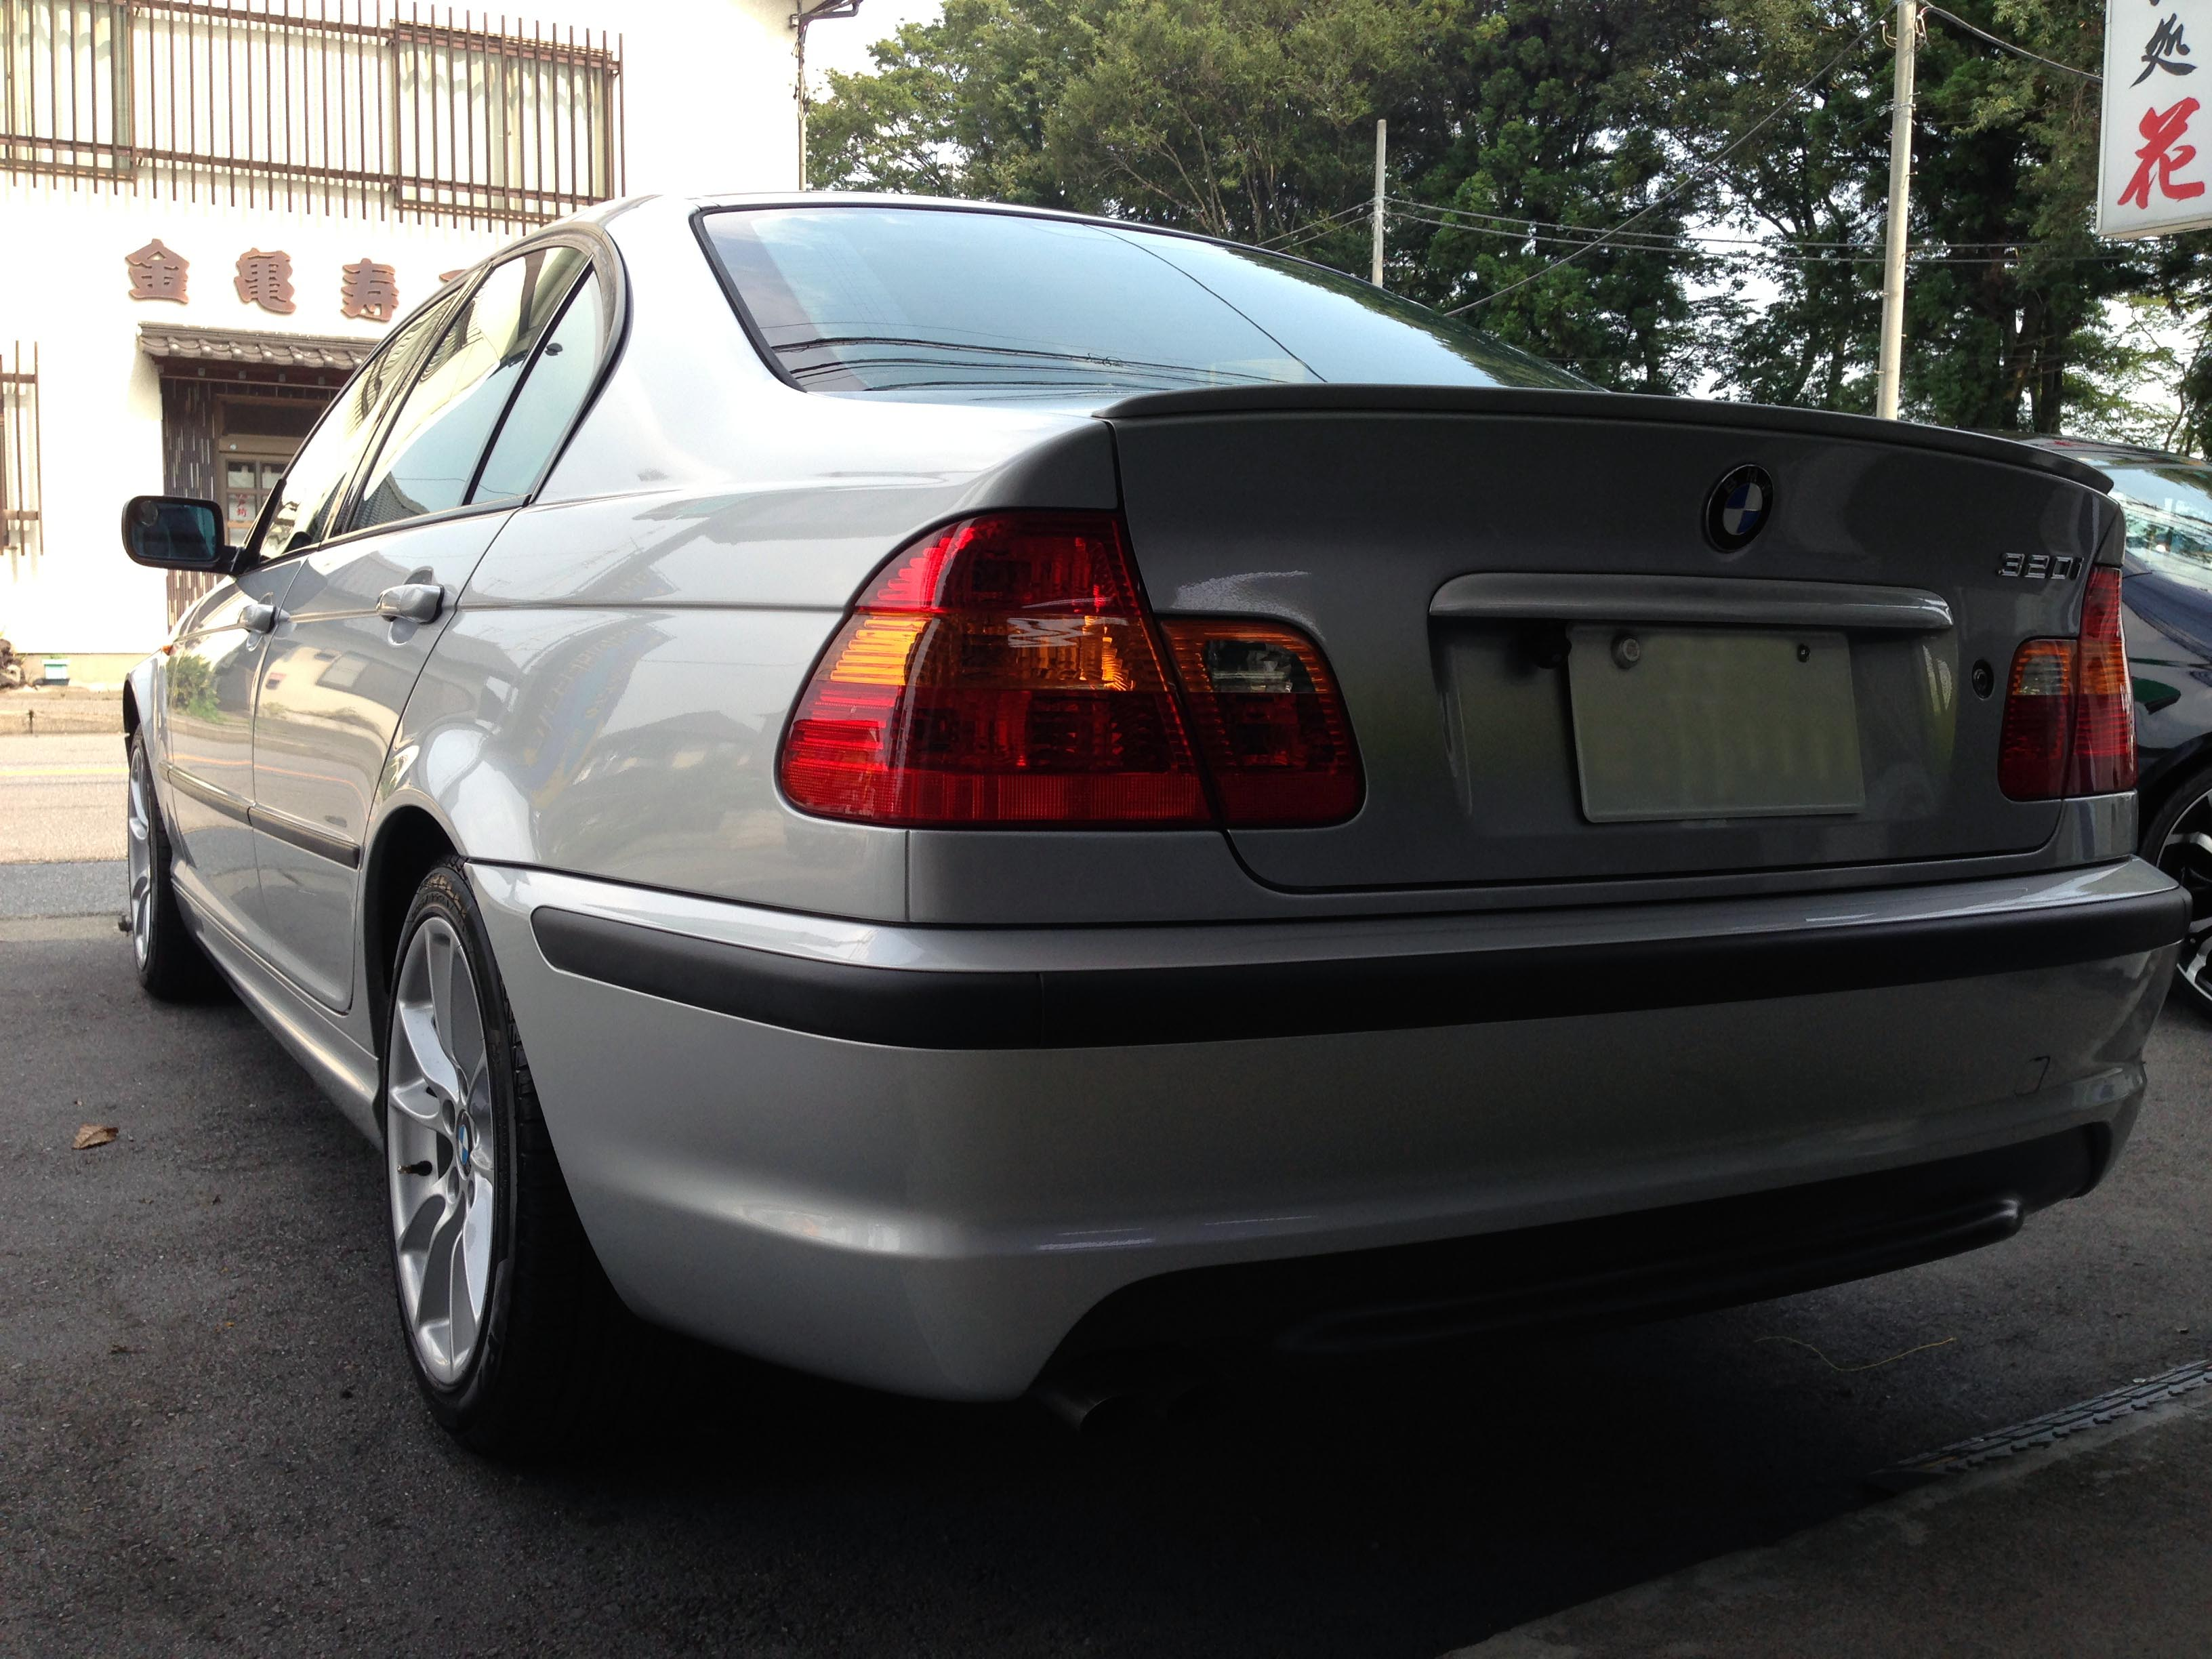 BMW320iエシュロンボディーガラスコーティング施工 後部